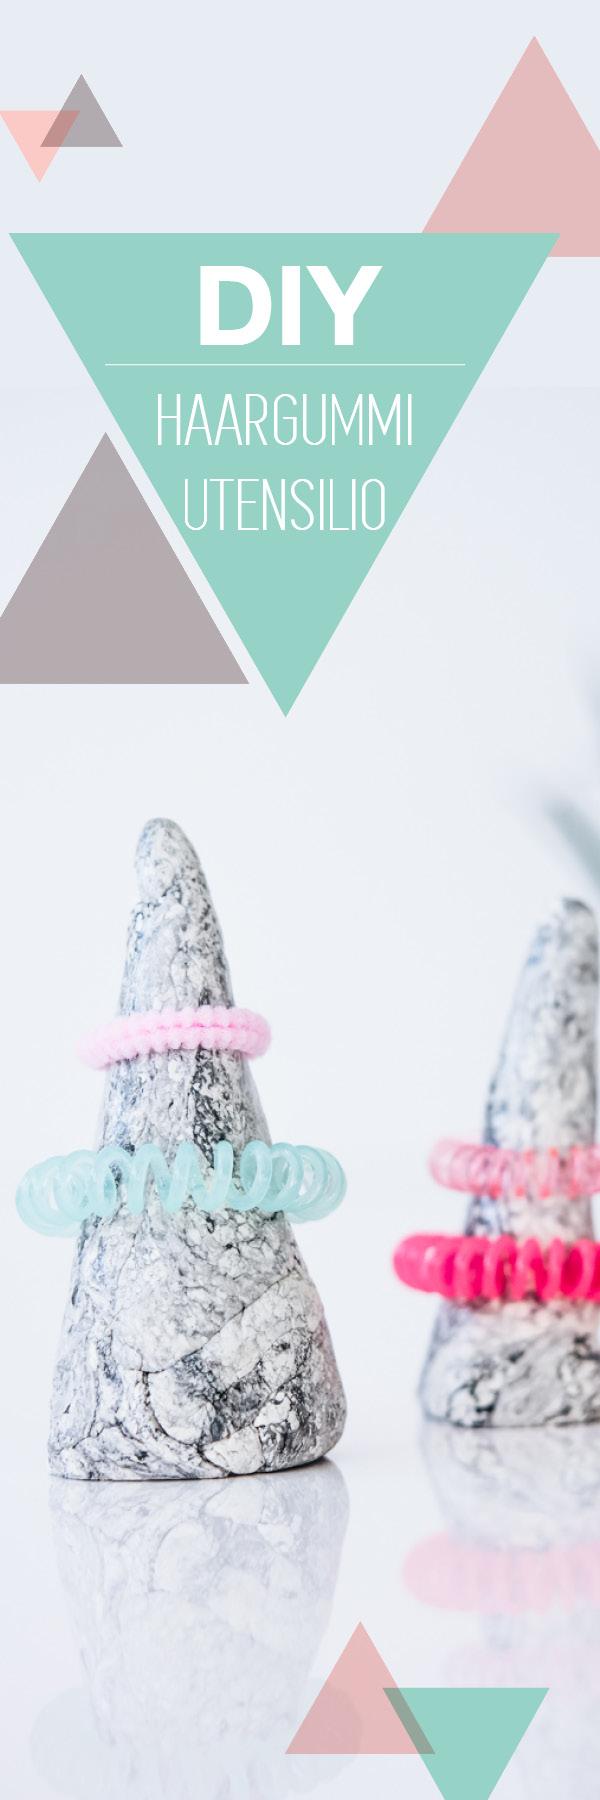 Haargummis aufbewahren – einfaches Utensilio für Kinder | DIY ideas